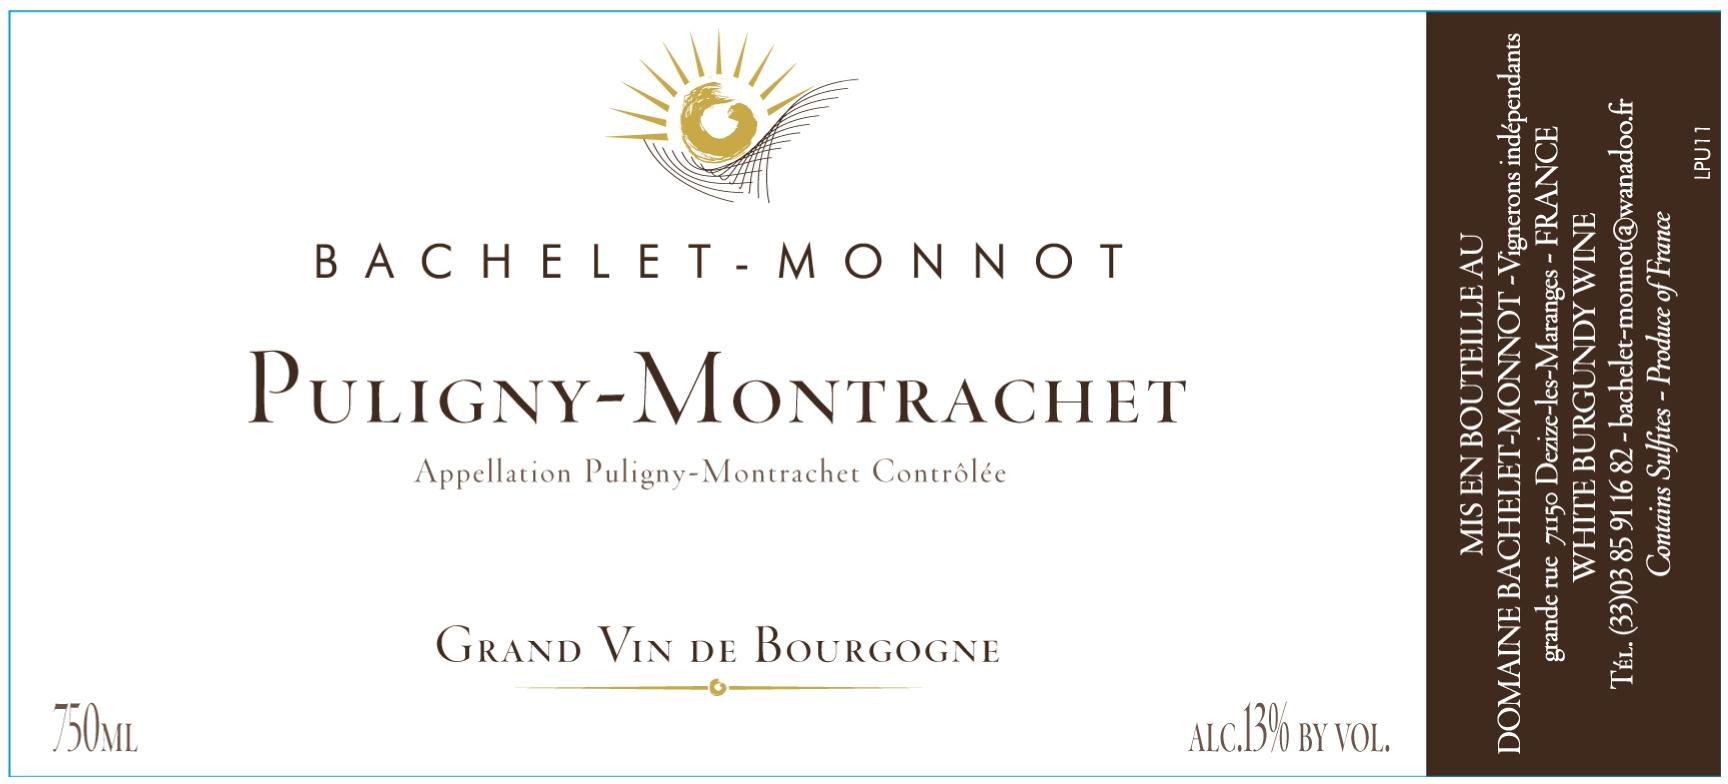 Domaine Bachelet-Monnot label